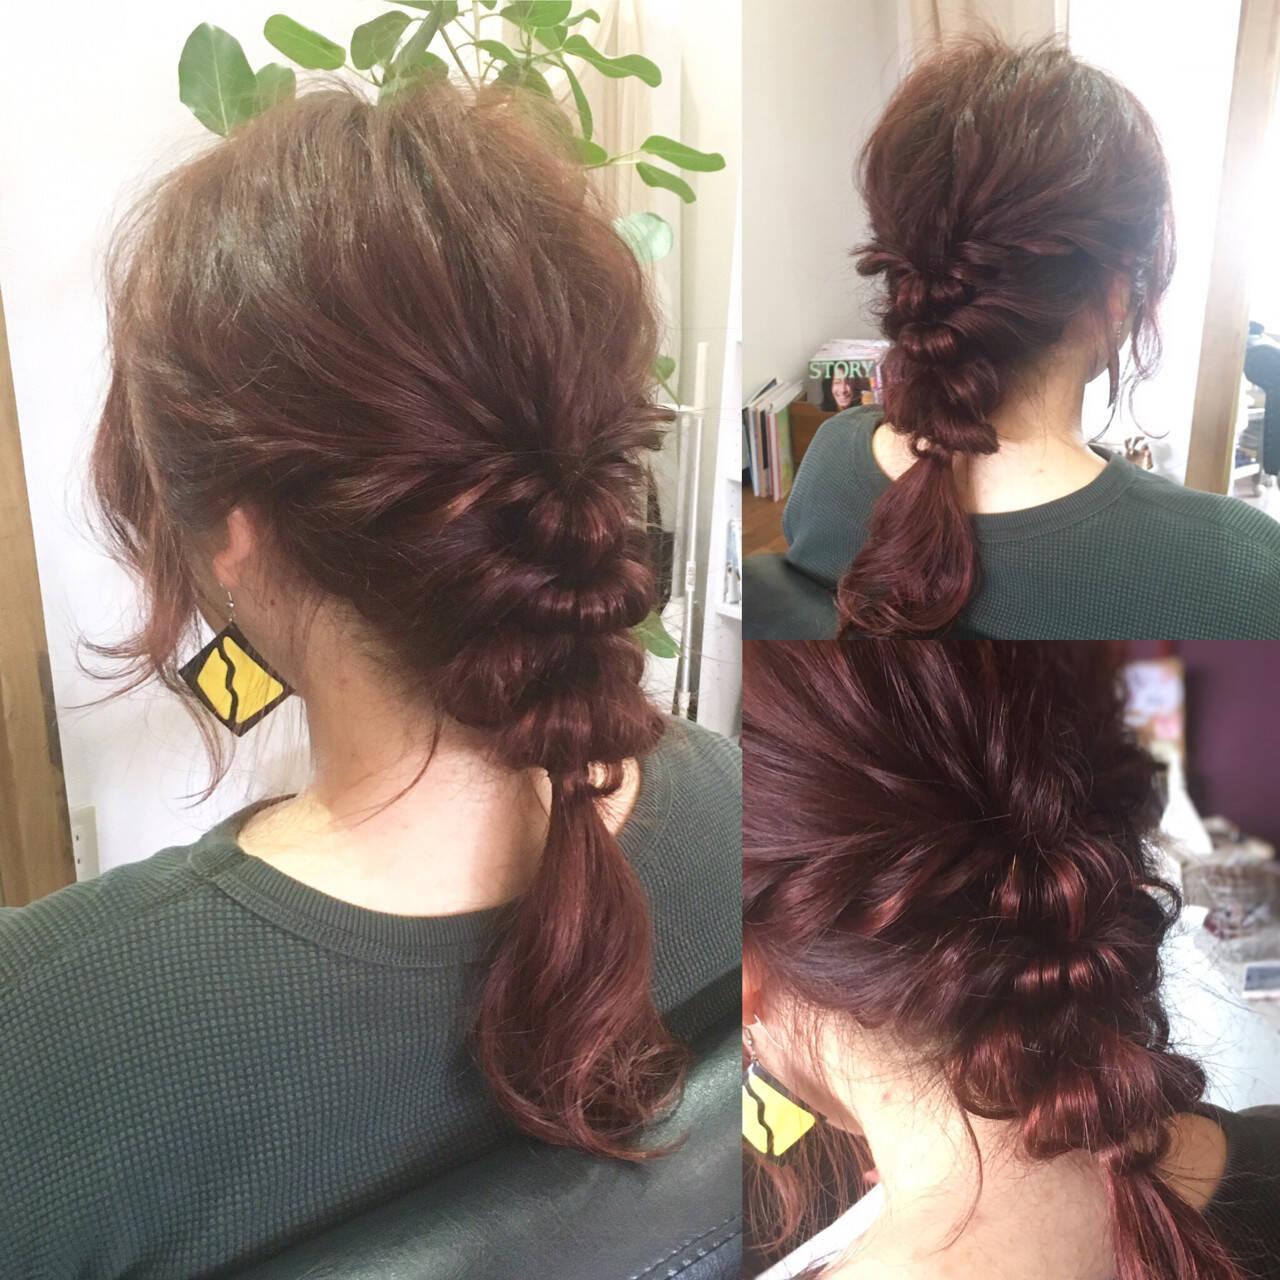 ベリーピンク インナーカラー セミロング フリンジバングヘアスタイルや髪型の写真・画像